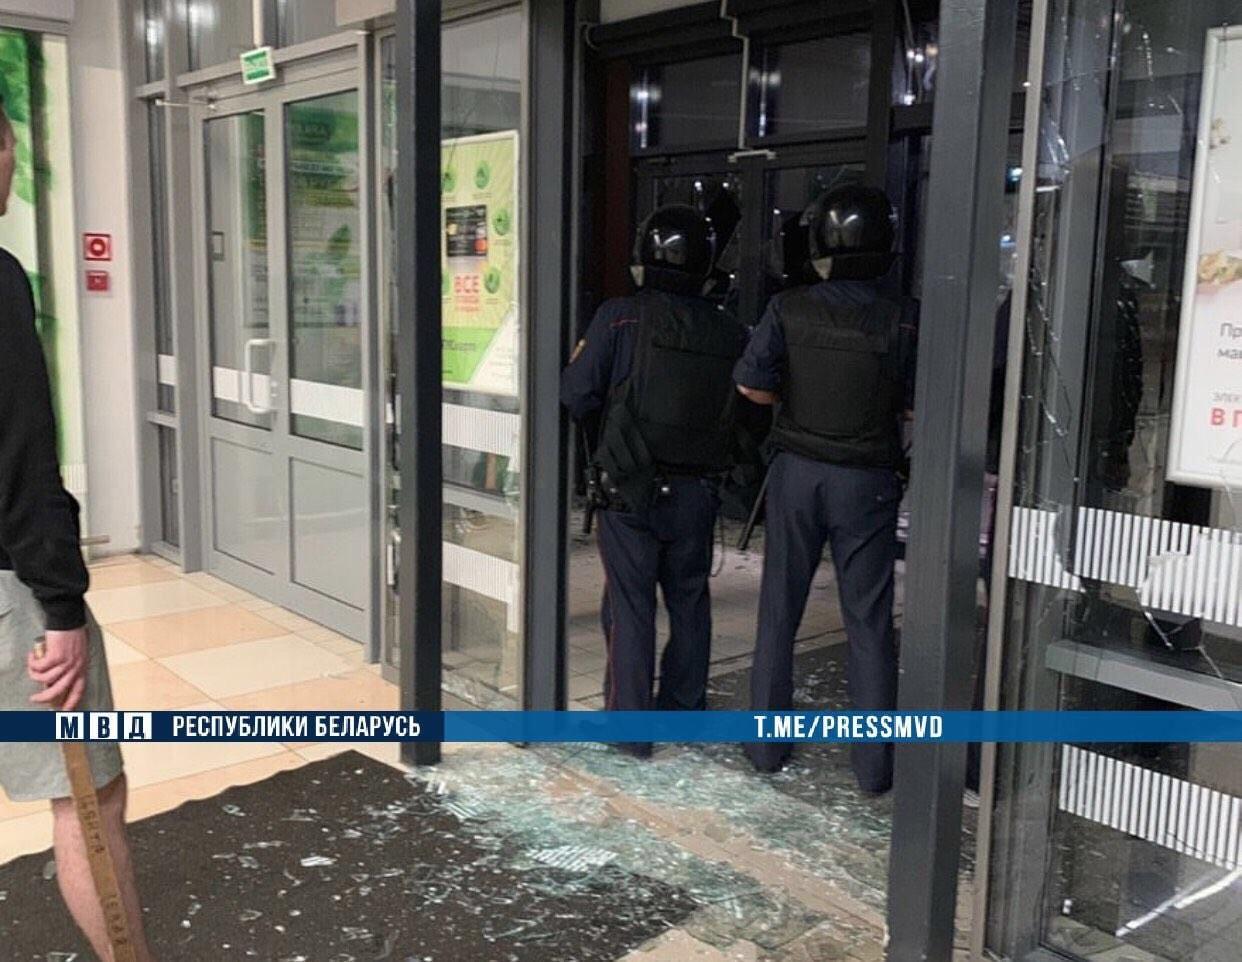 В Бресте 18-летний парень пришел в гипермаркет с топором